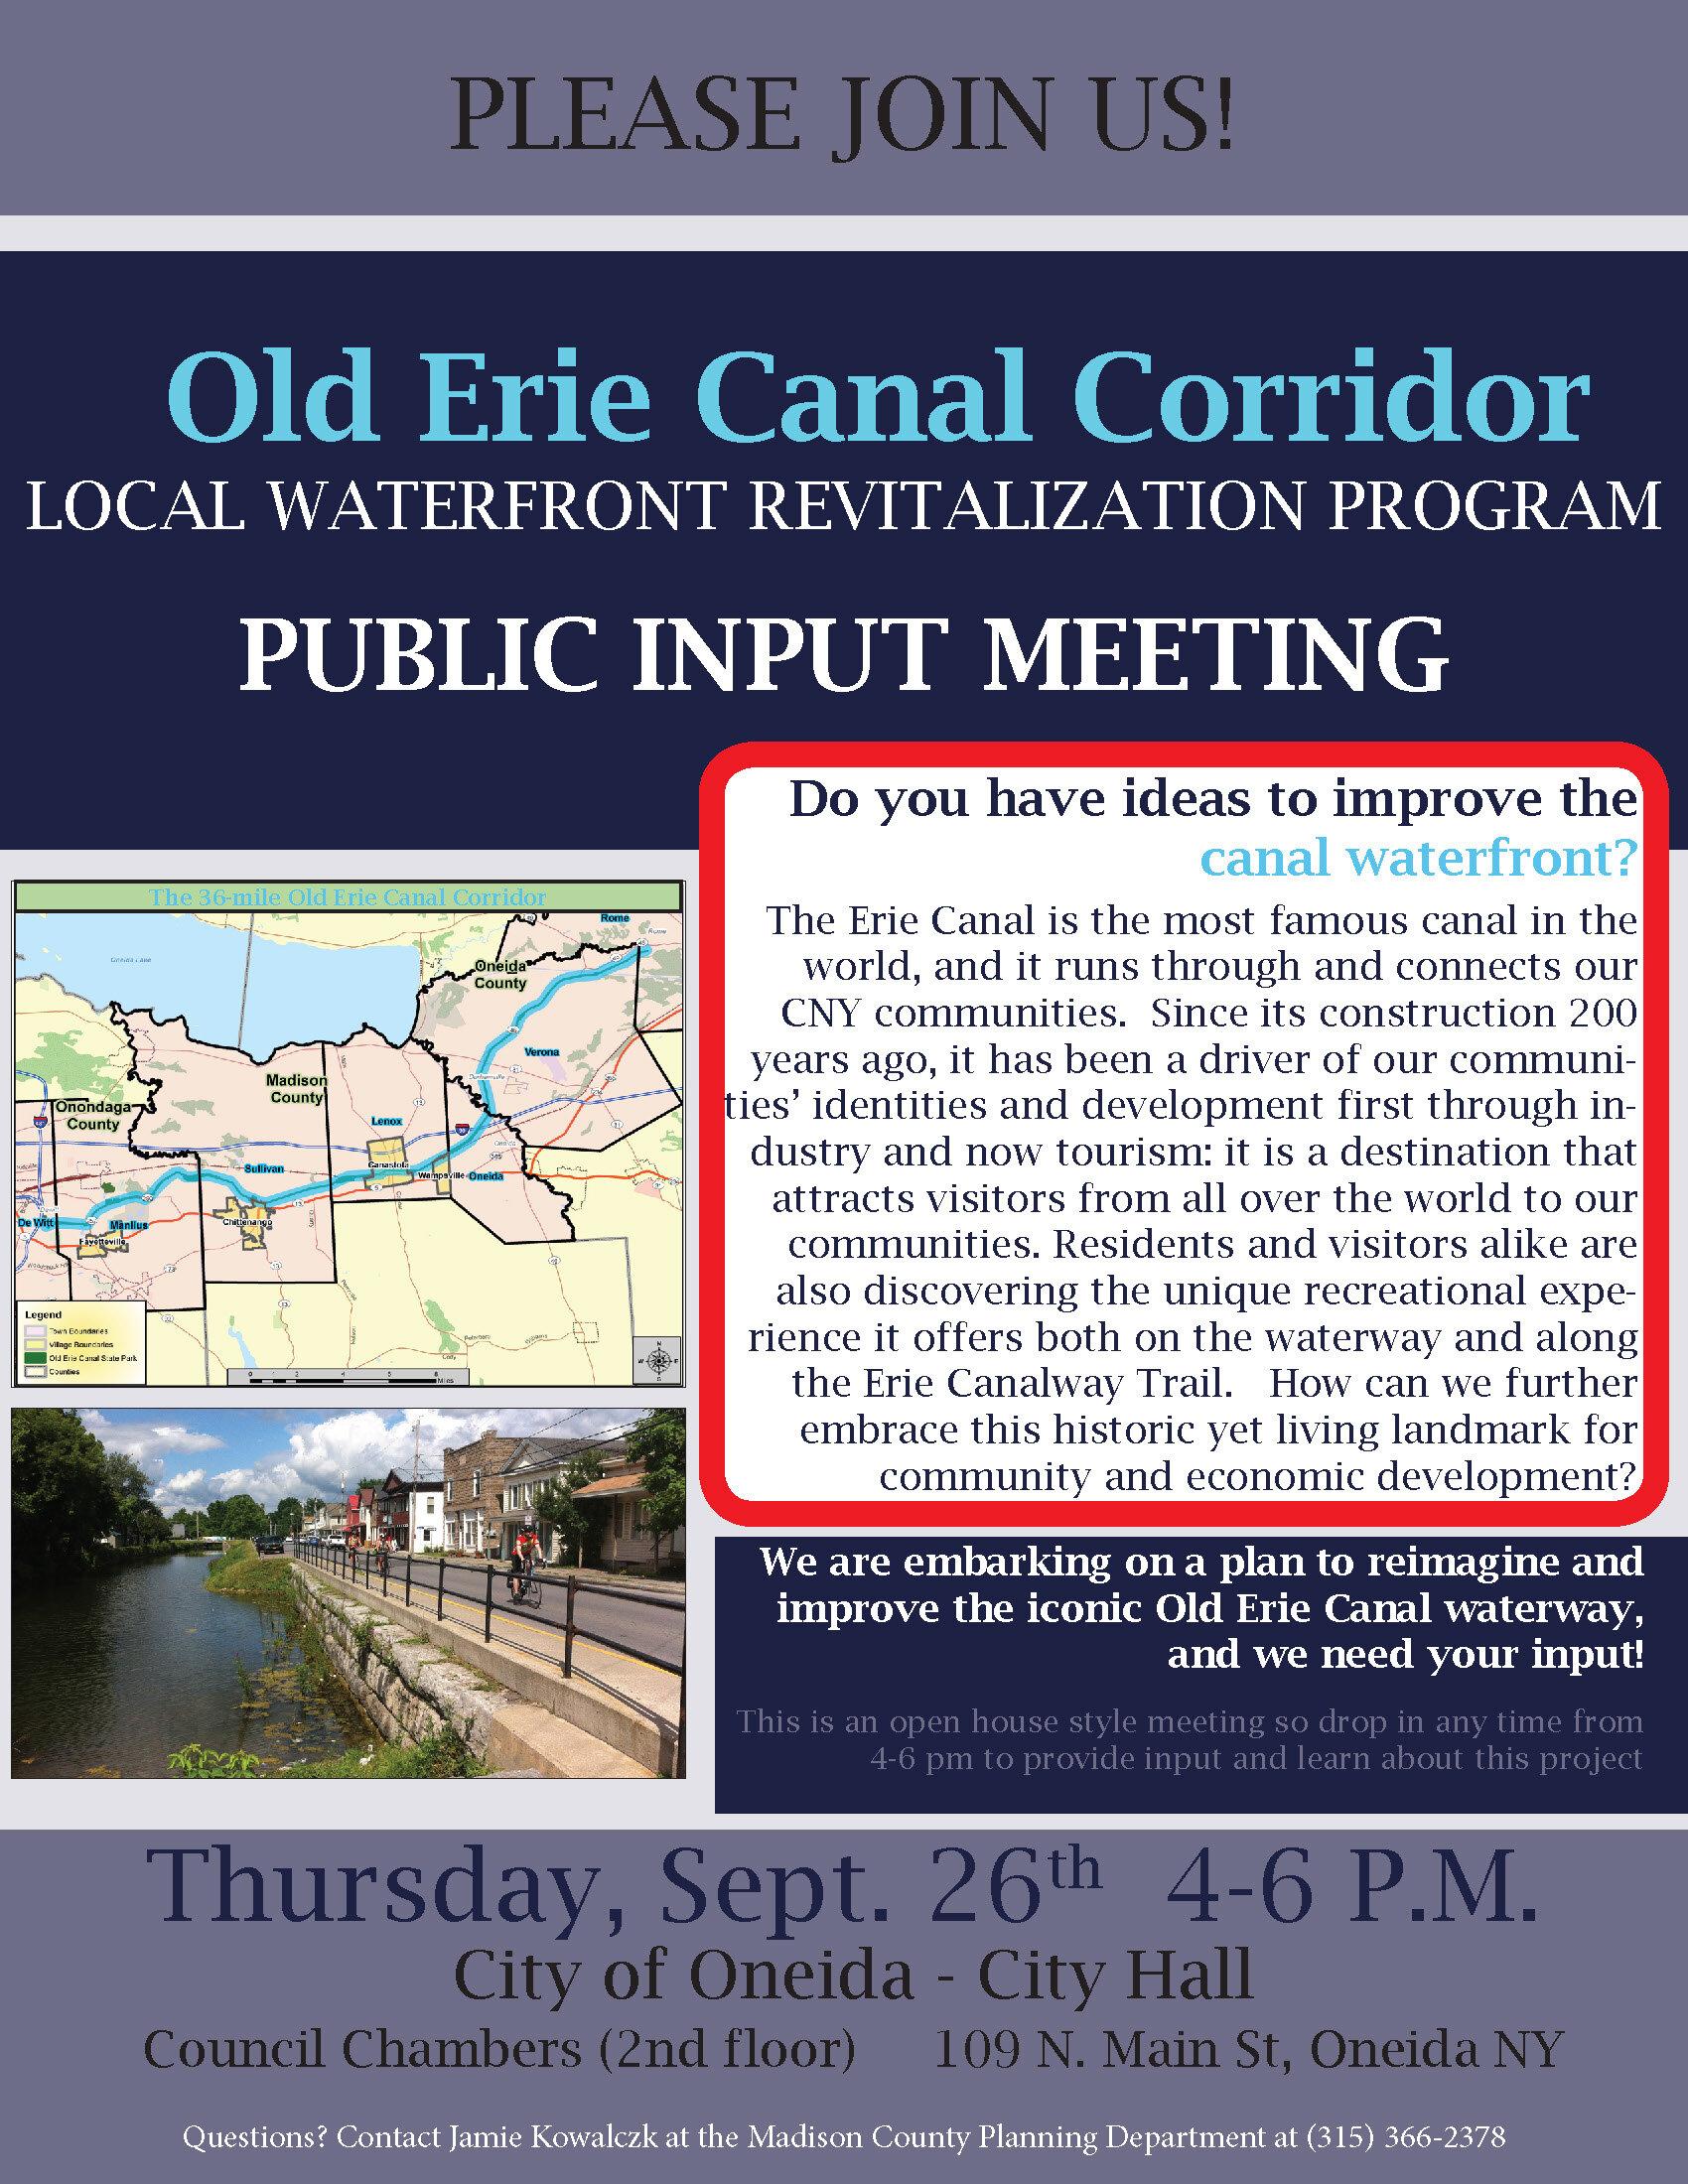 Public Input Meeting Flyer.jpg